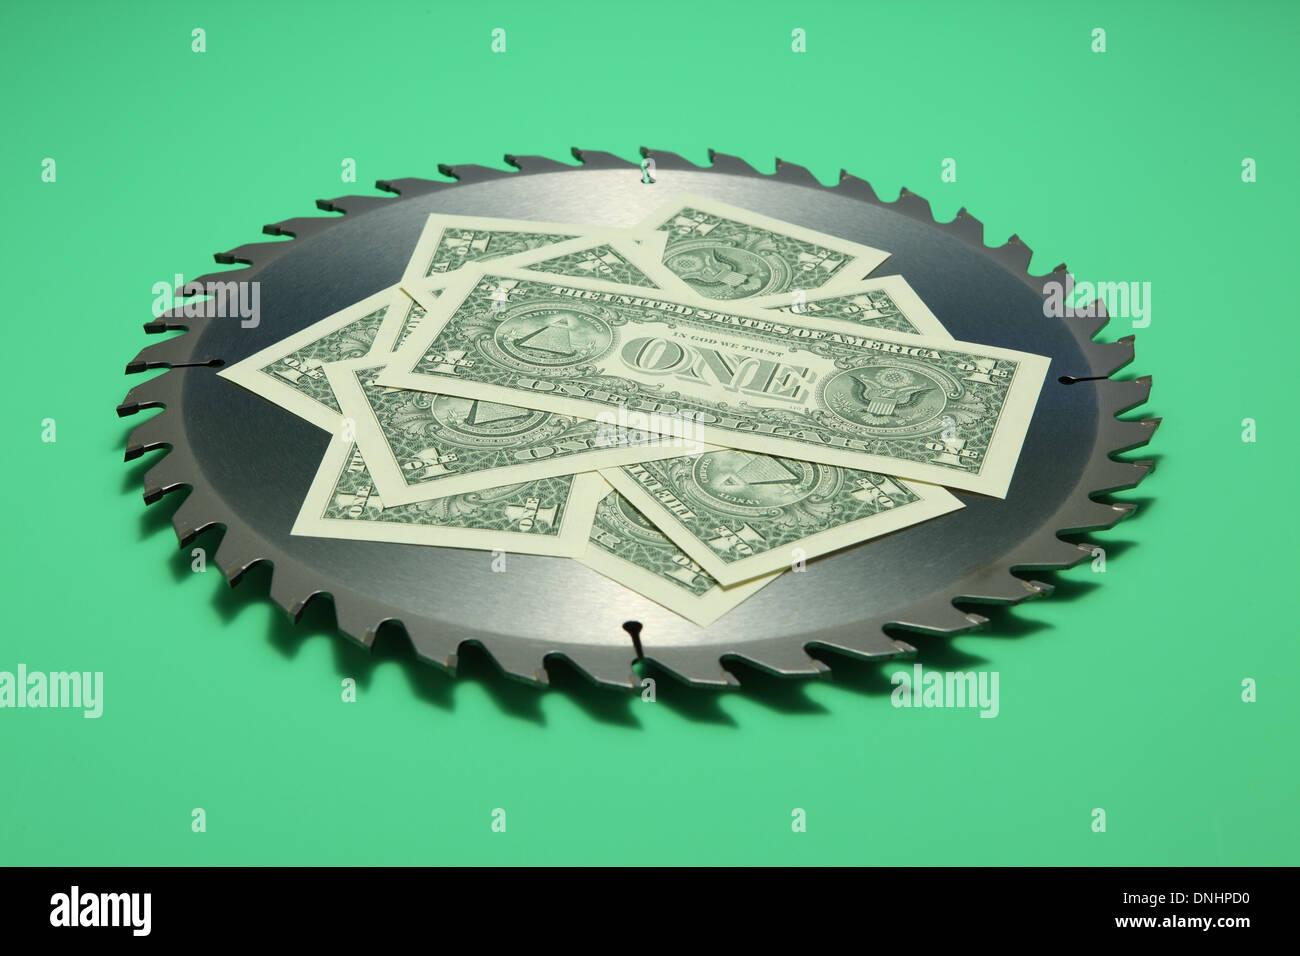 Una circolare affilata lama per sega da metallo con valuta statunitense su sfondo verde. Immagini Stock